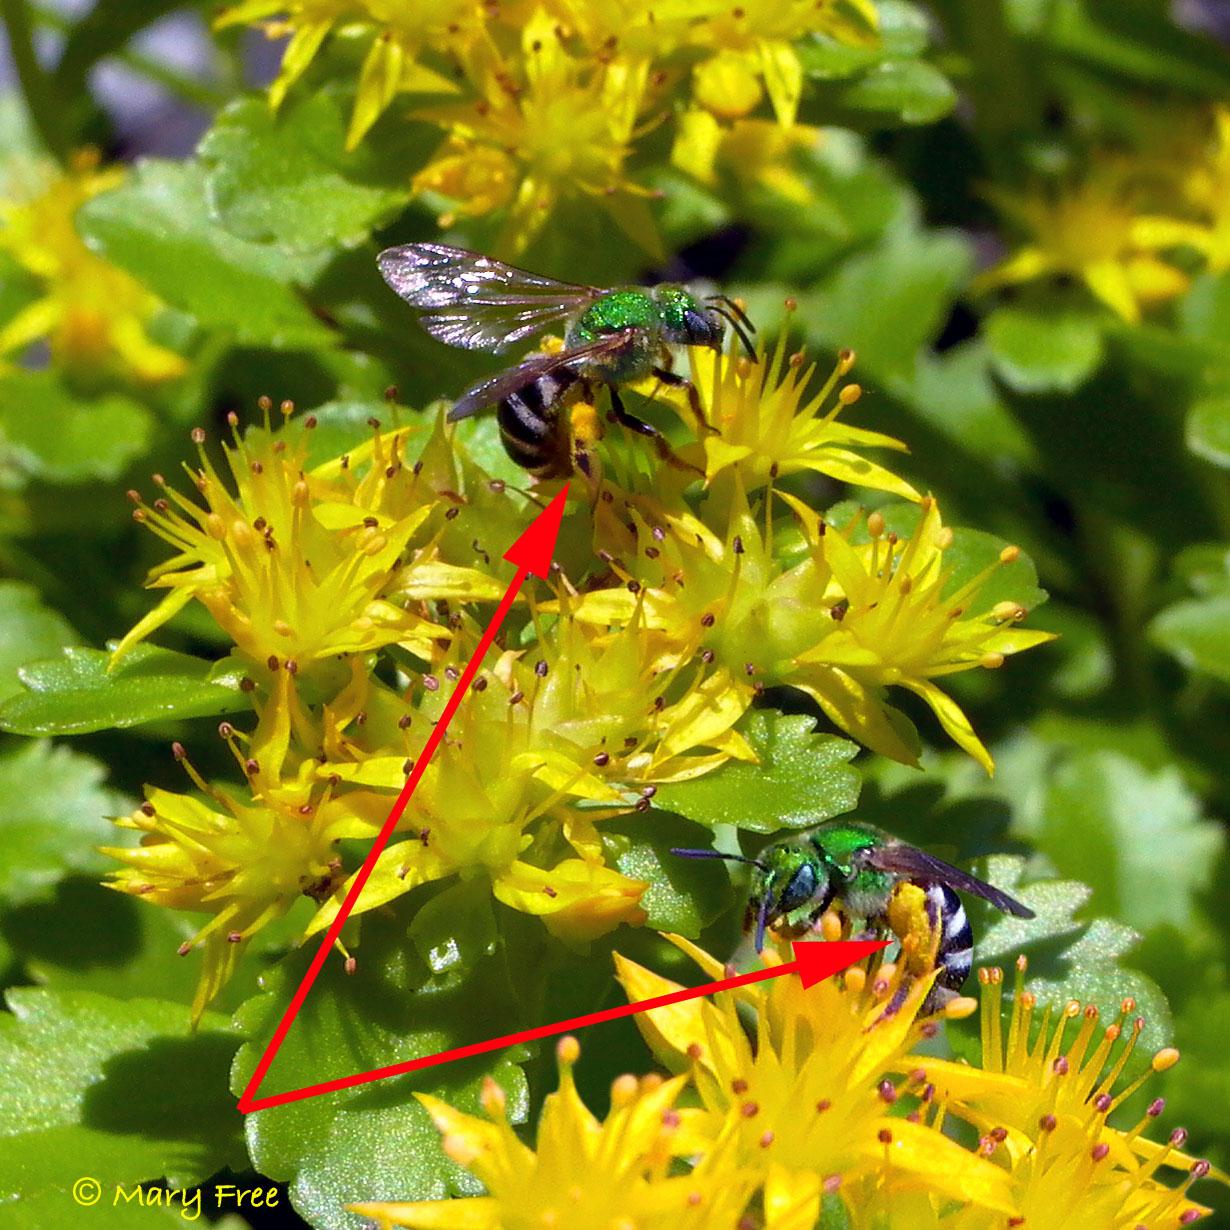 (Agapostemon virescens) on